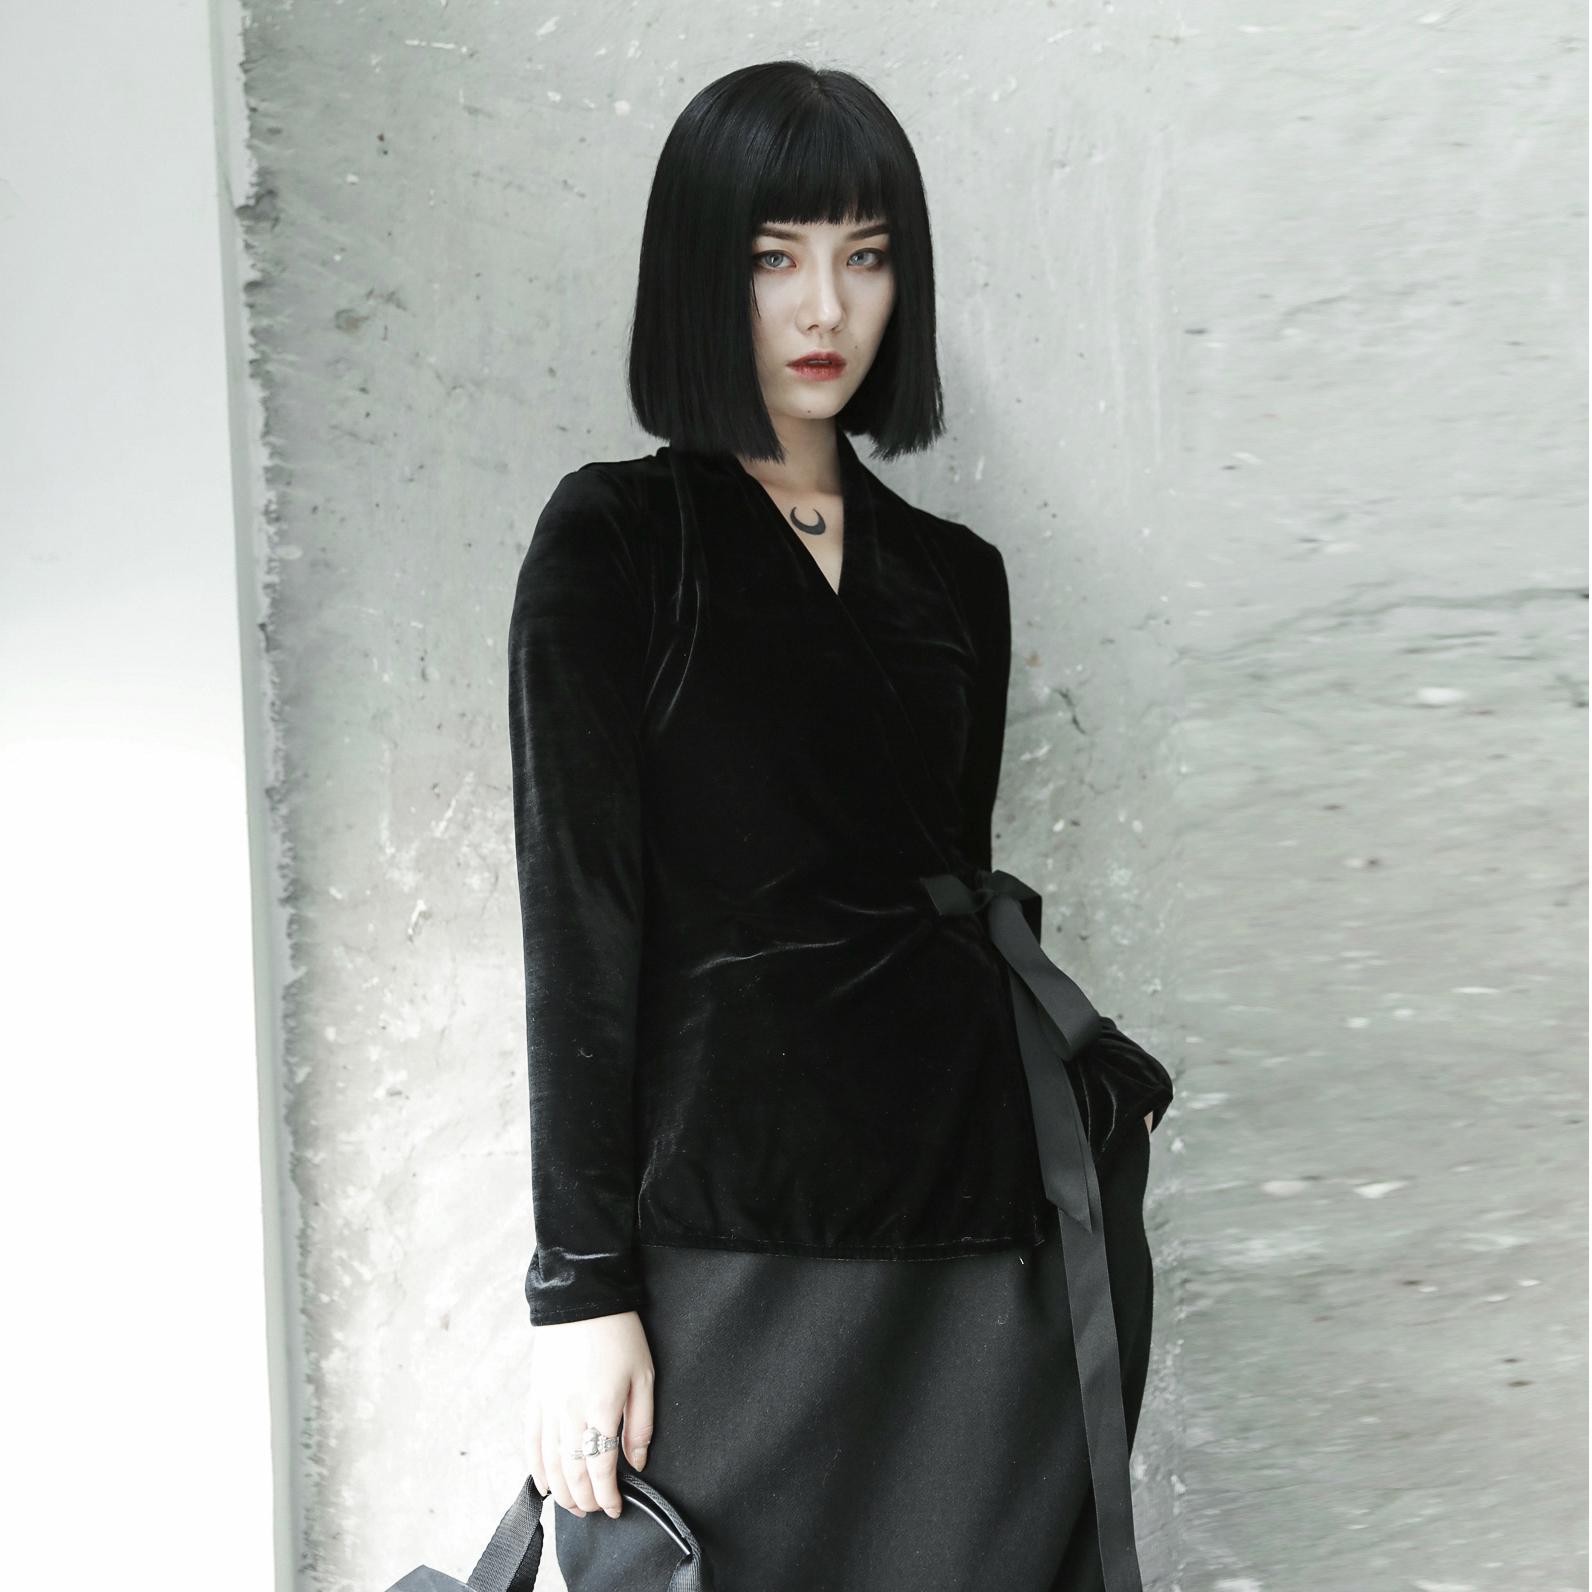 衬衫 SIMPLE BLACK 秋季ss韩国绒日式和服绑带修身显瘦长袖衬衫女_推荐淘宝好看的女衬衫